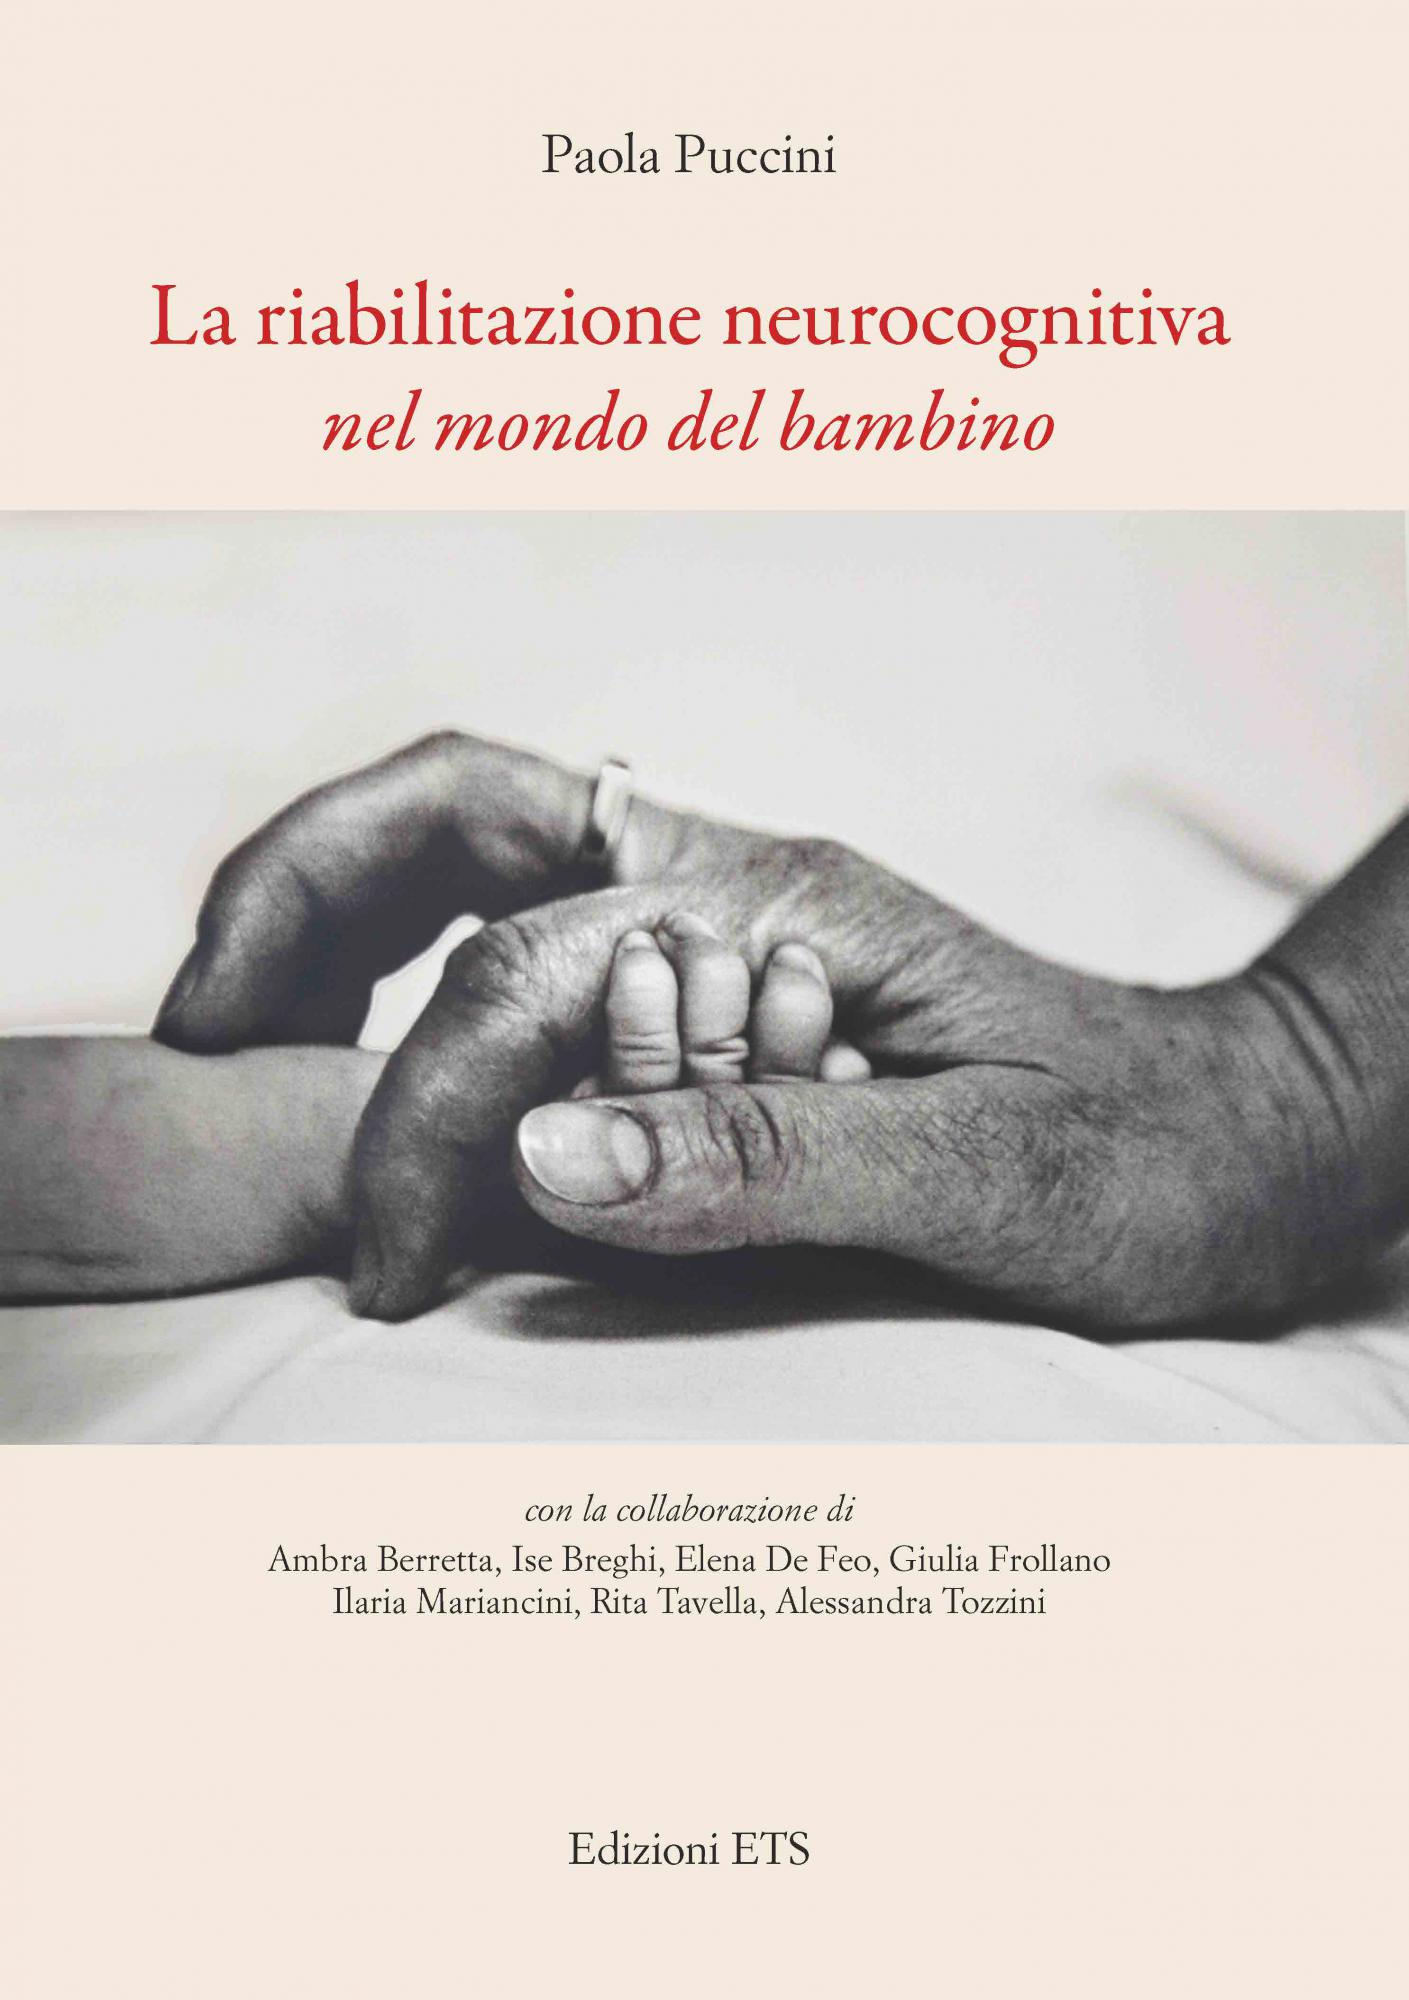 La riabilitazione neurocognitivanel mondo del bambino